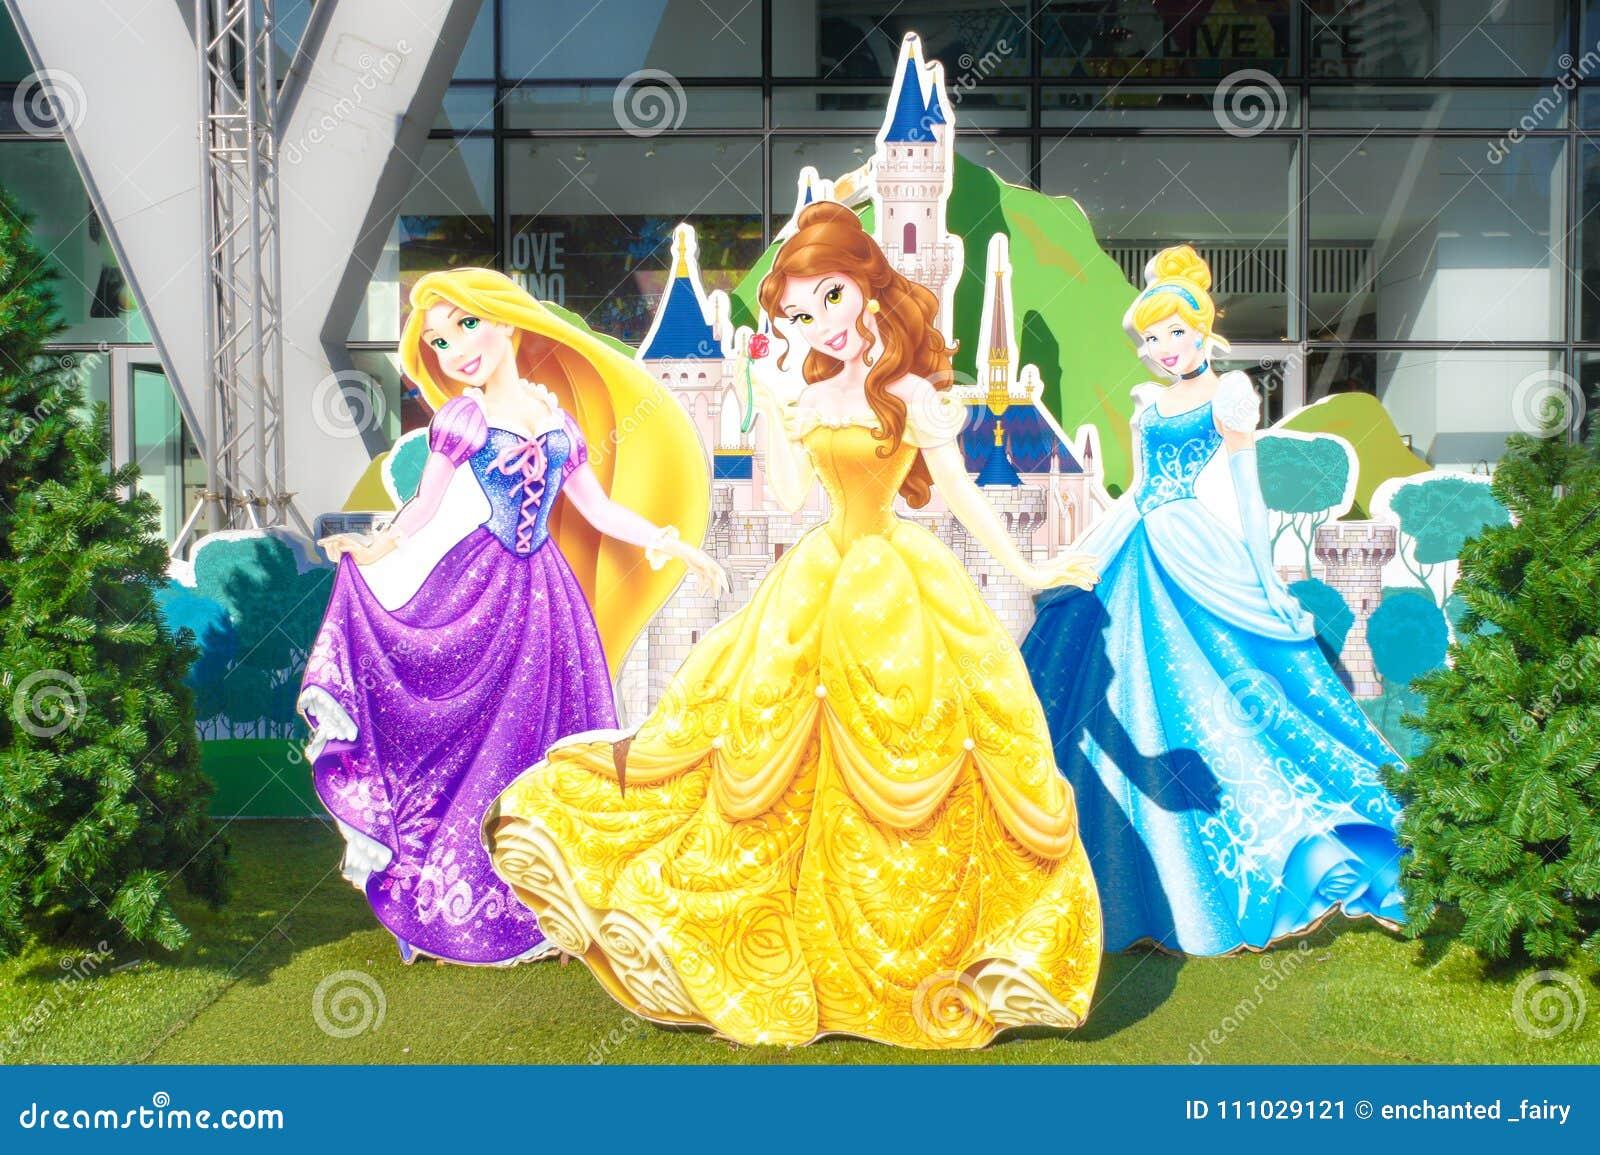 Disney prinsessor Rapunzel, skönheten, Cinderella och Disney rockerar bak dem